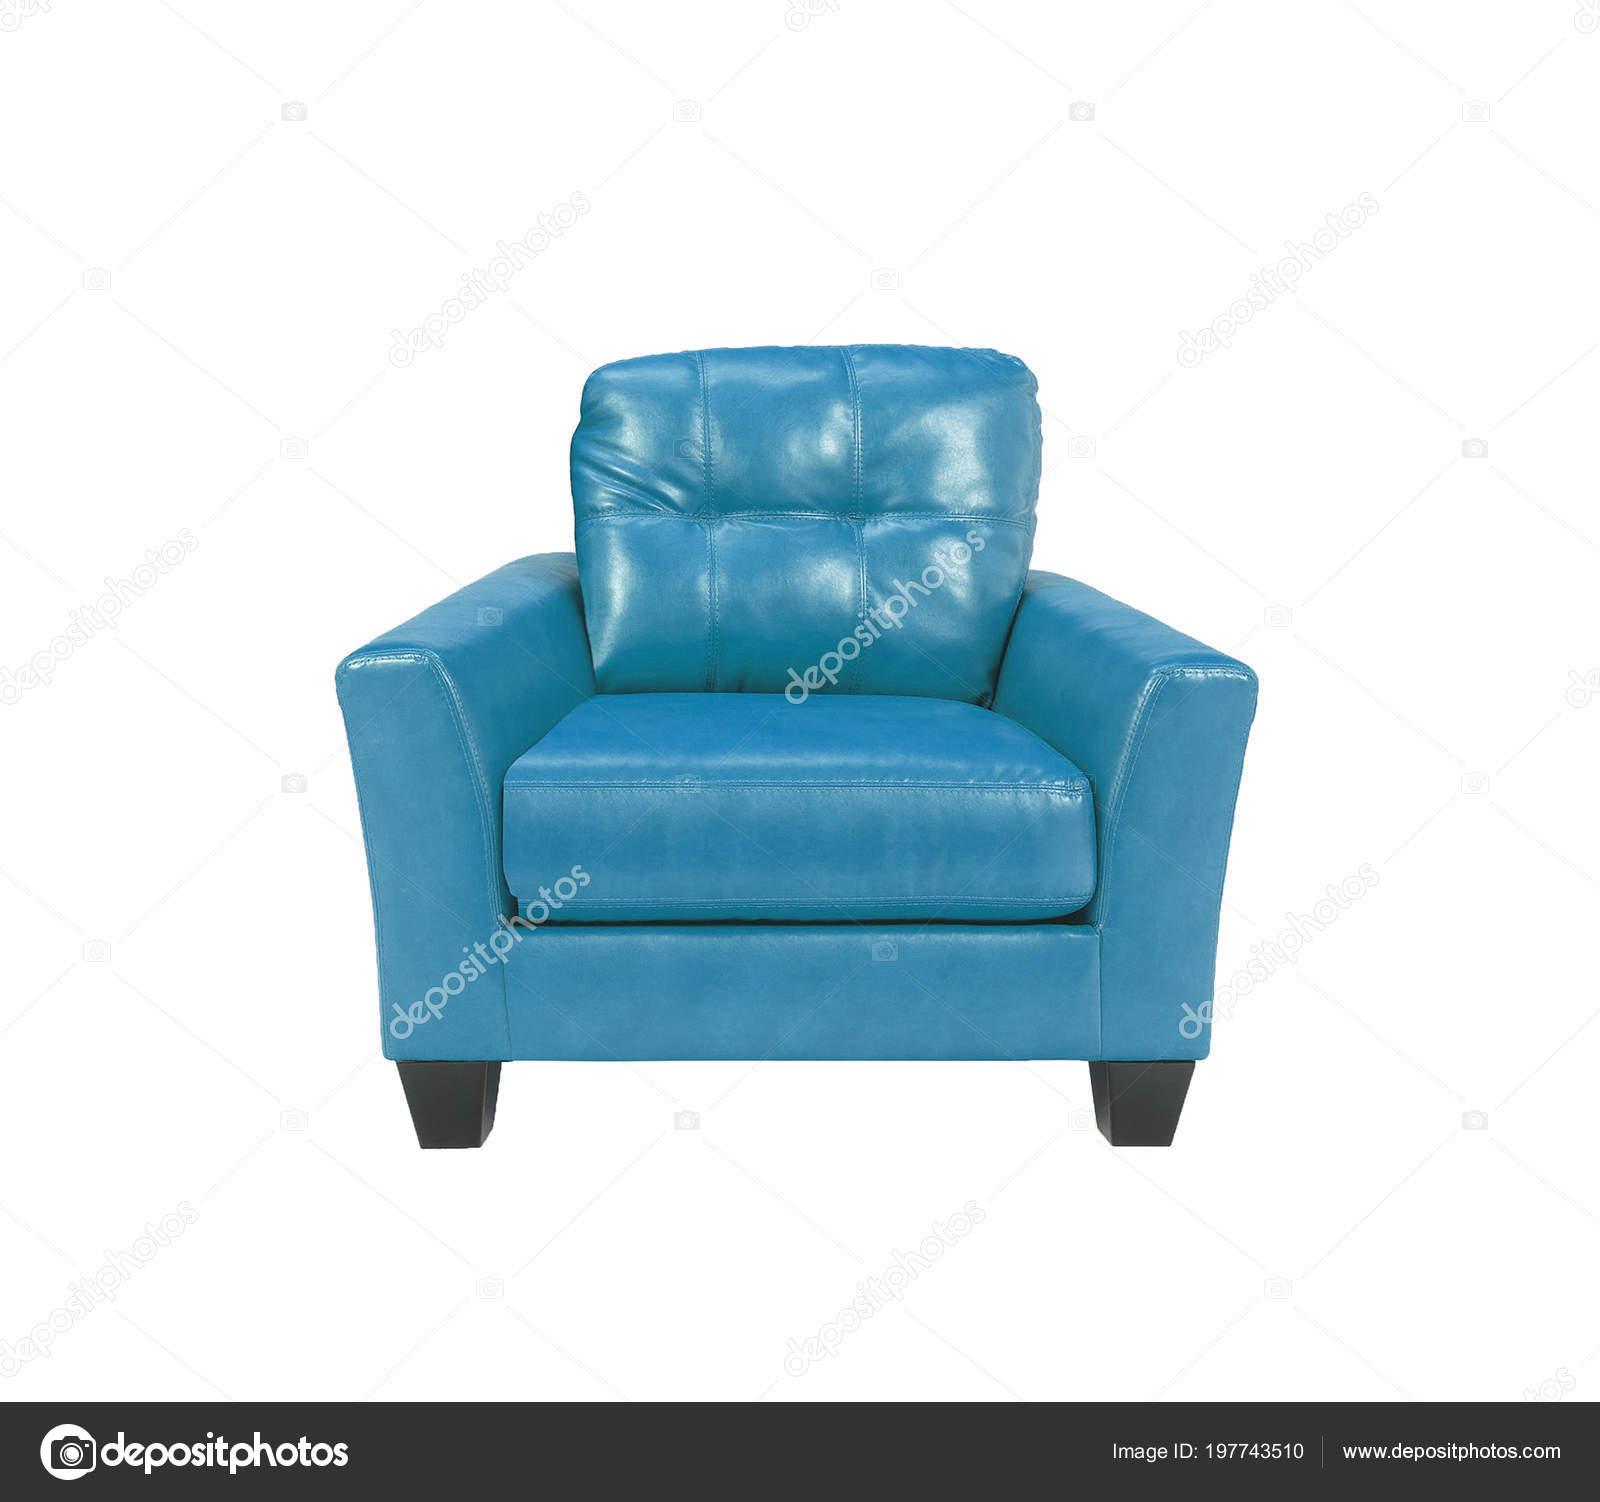 Blauw Leren Stoel.Blauw Leren Stoel Geisoleerd Witte Achtergrond Stockfoto